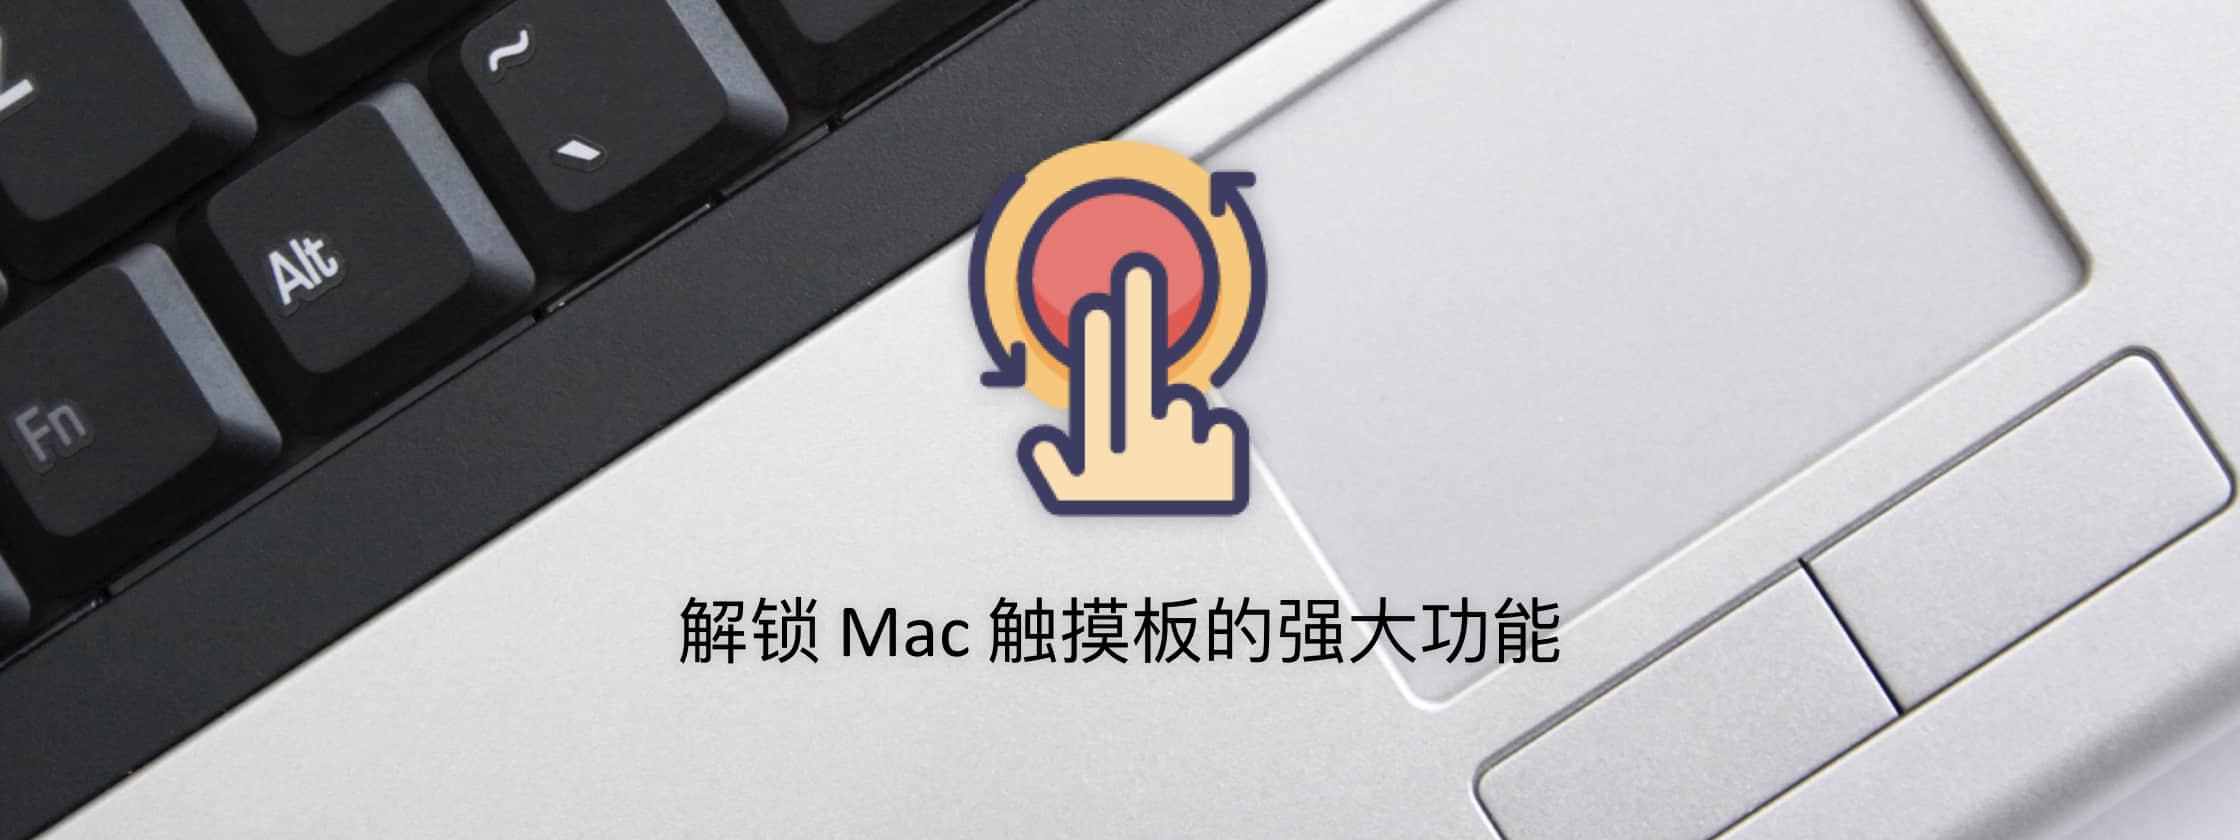 这些应用帮你解锁更丰富的 Mac 触控板手势